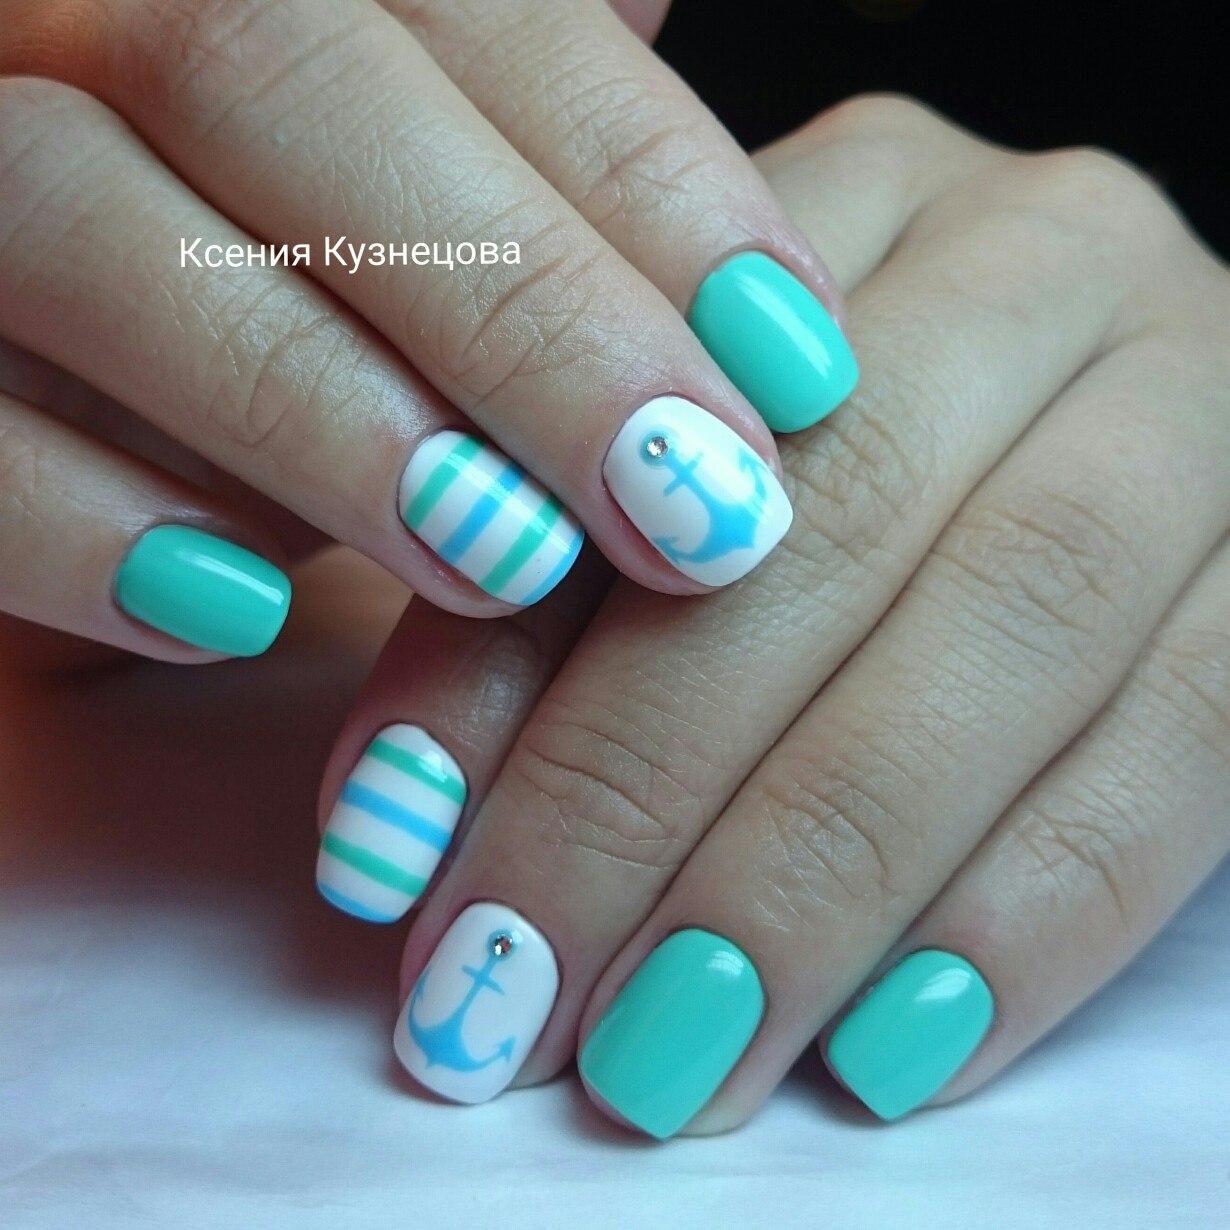 Бирюзовый маникюр гель лаком на короткие ногти фото